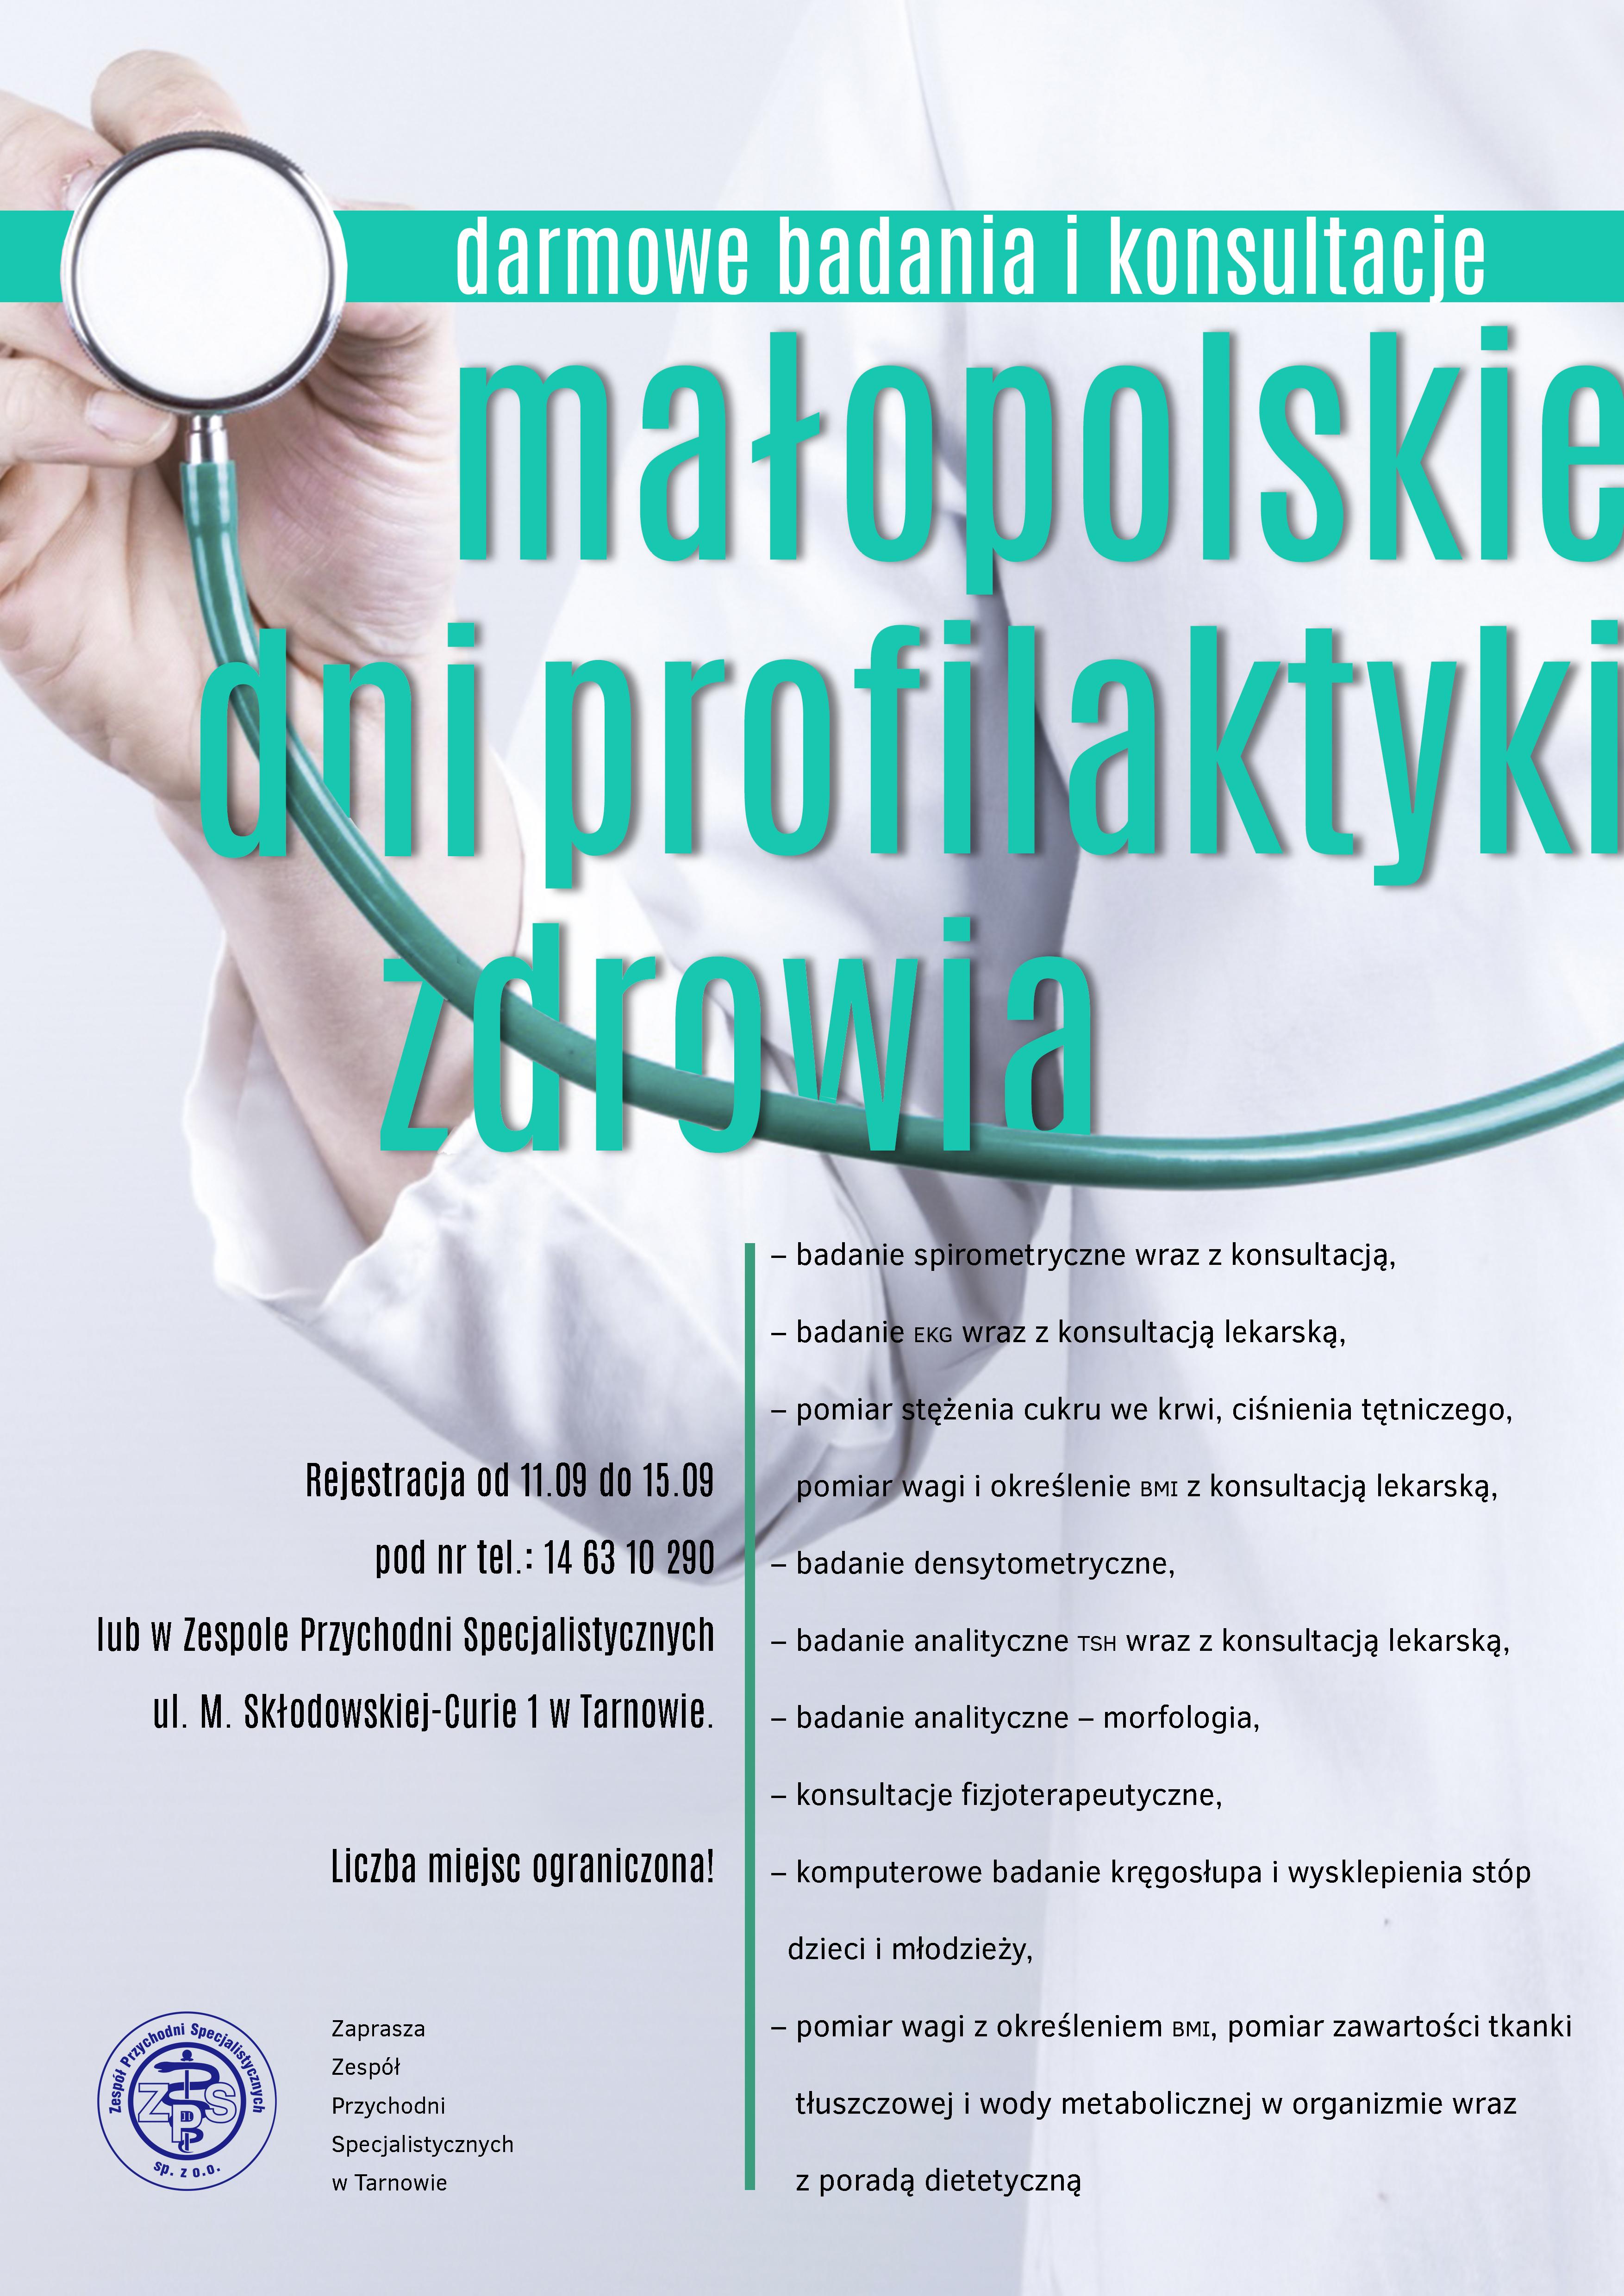 Darmowe badania i konsultacje – szeroka oferta